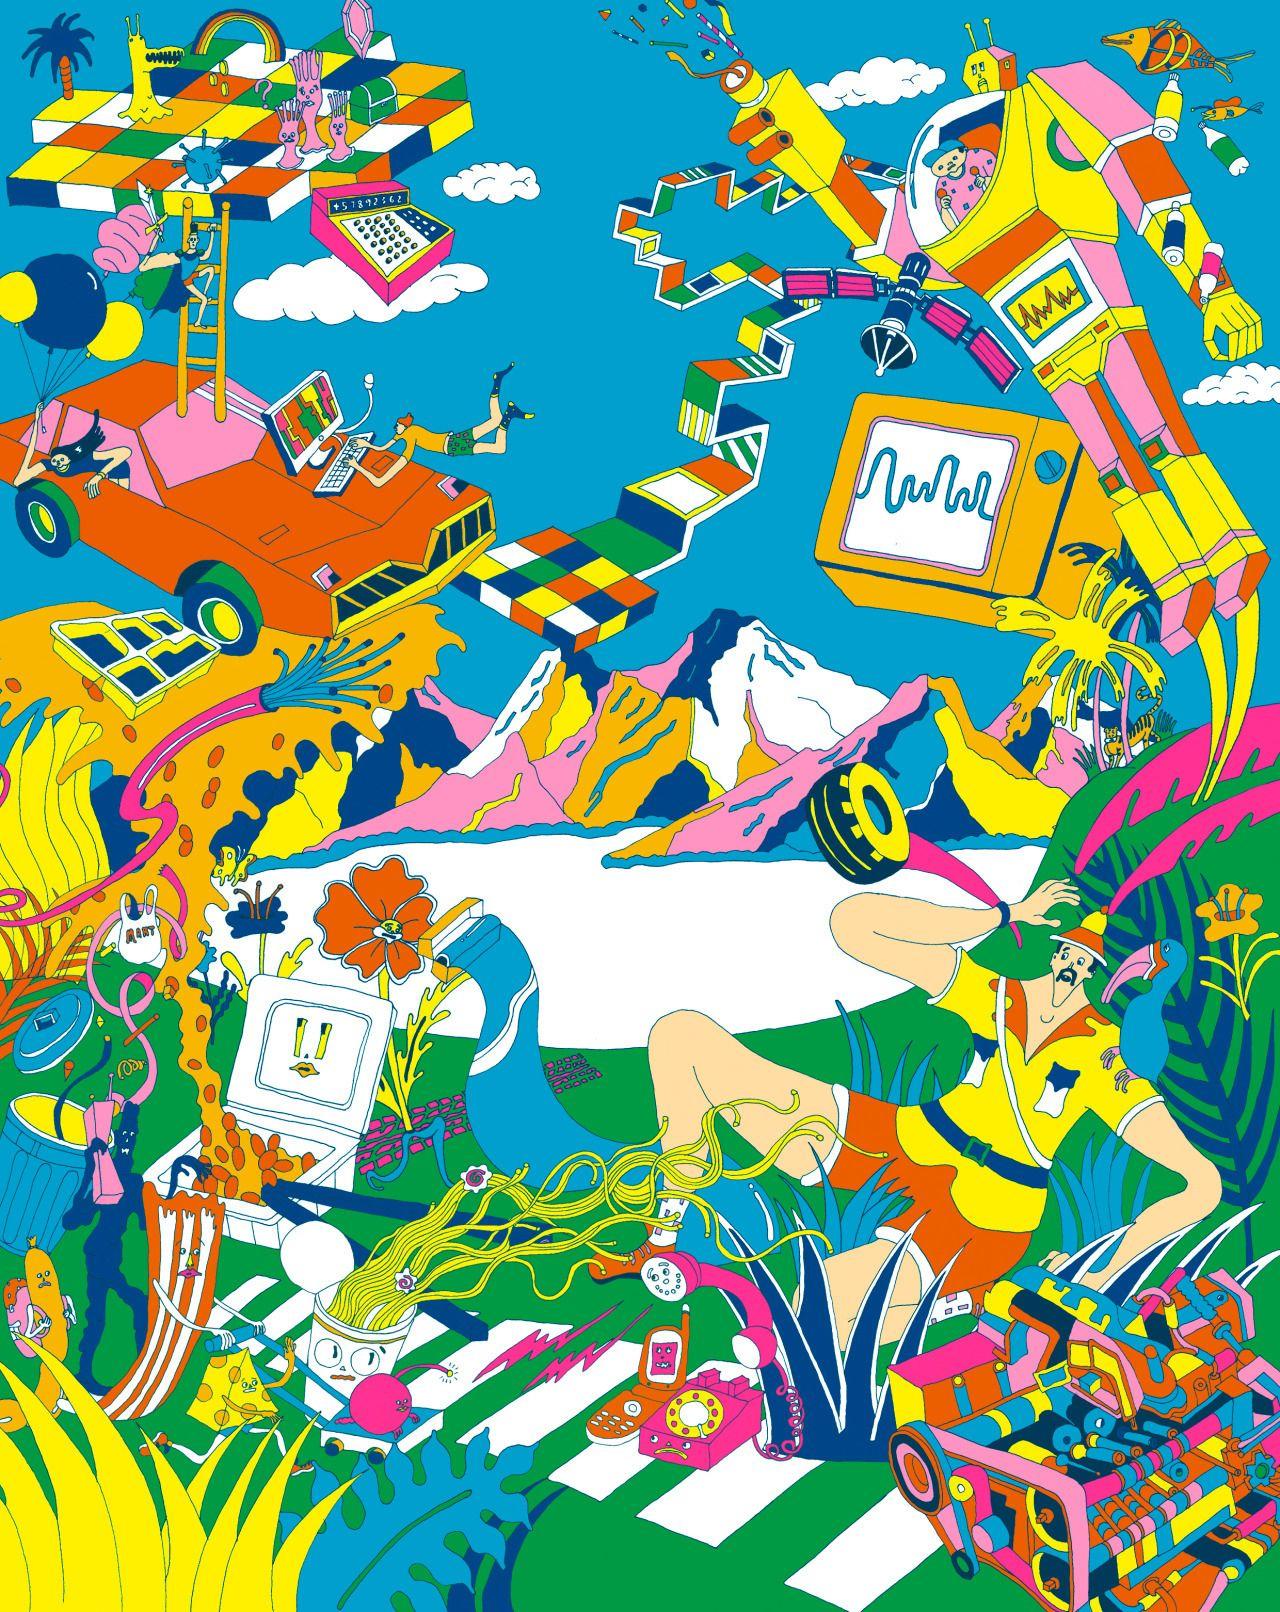 科学技術館 「大・展望展」のポスター です。デザイン:内木場 岩太さんアートディレクション :デザインムジカさん